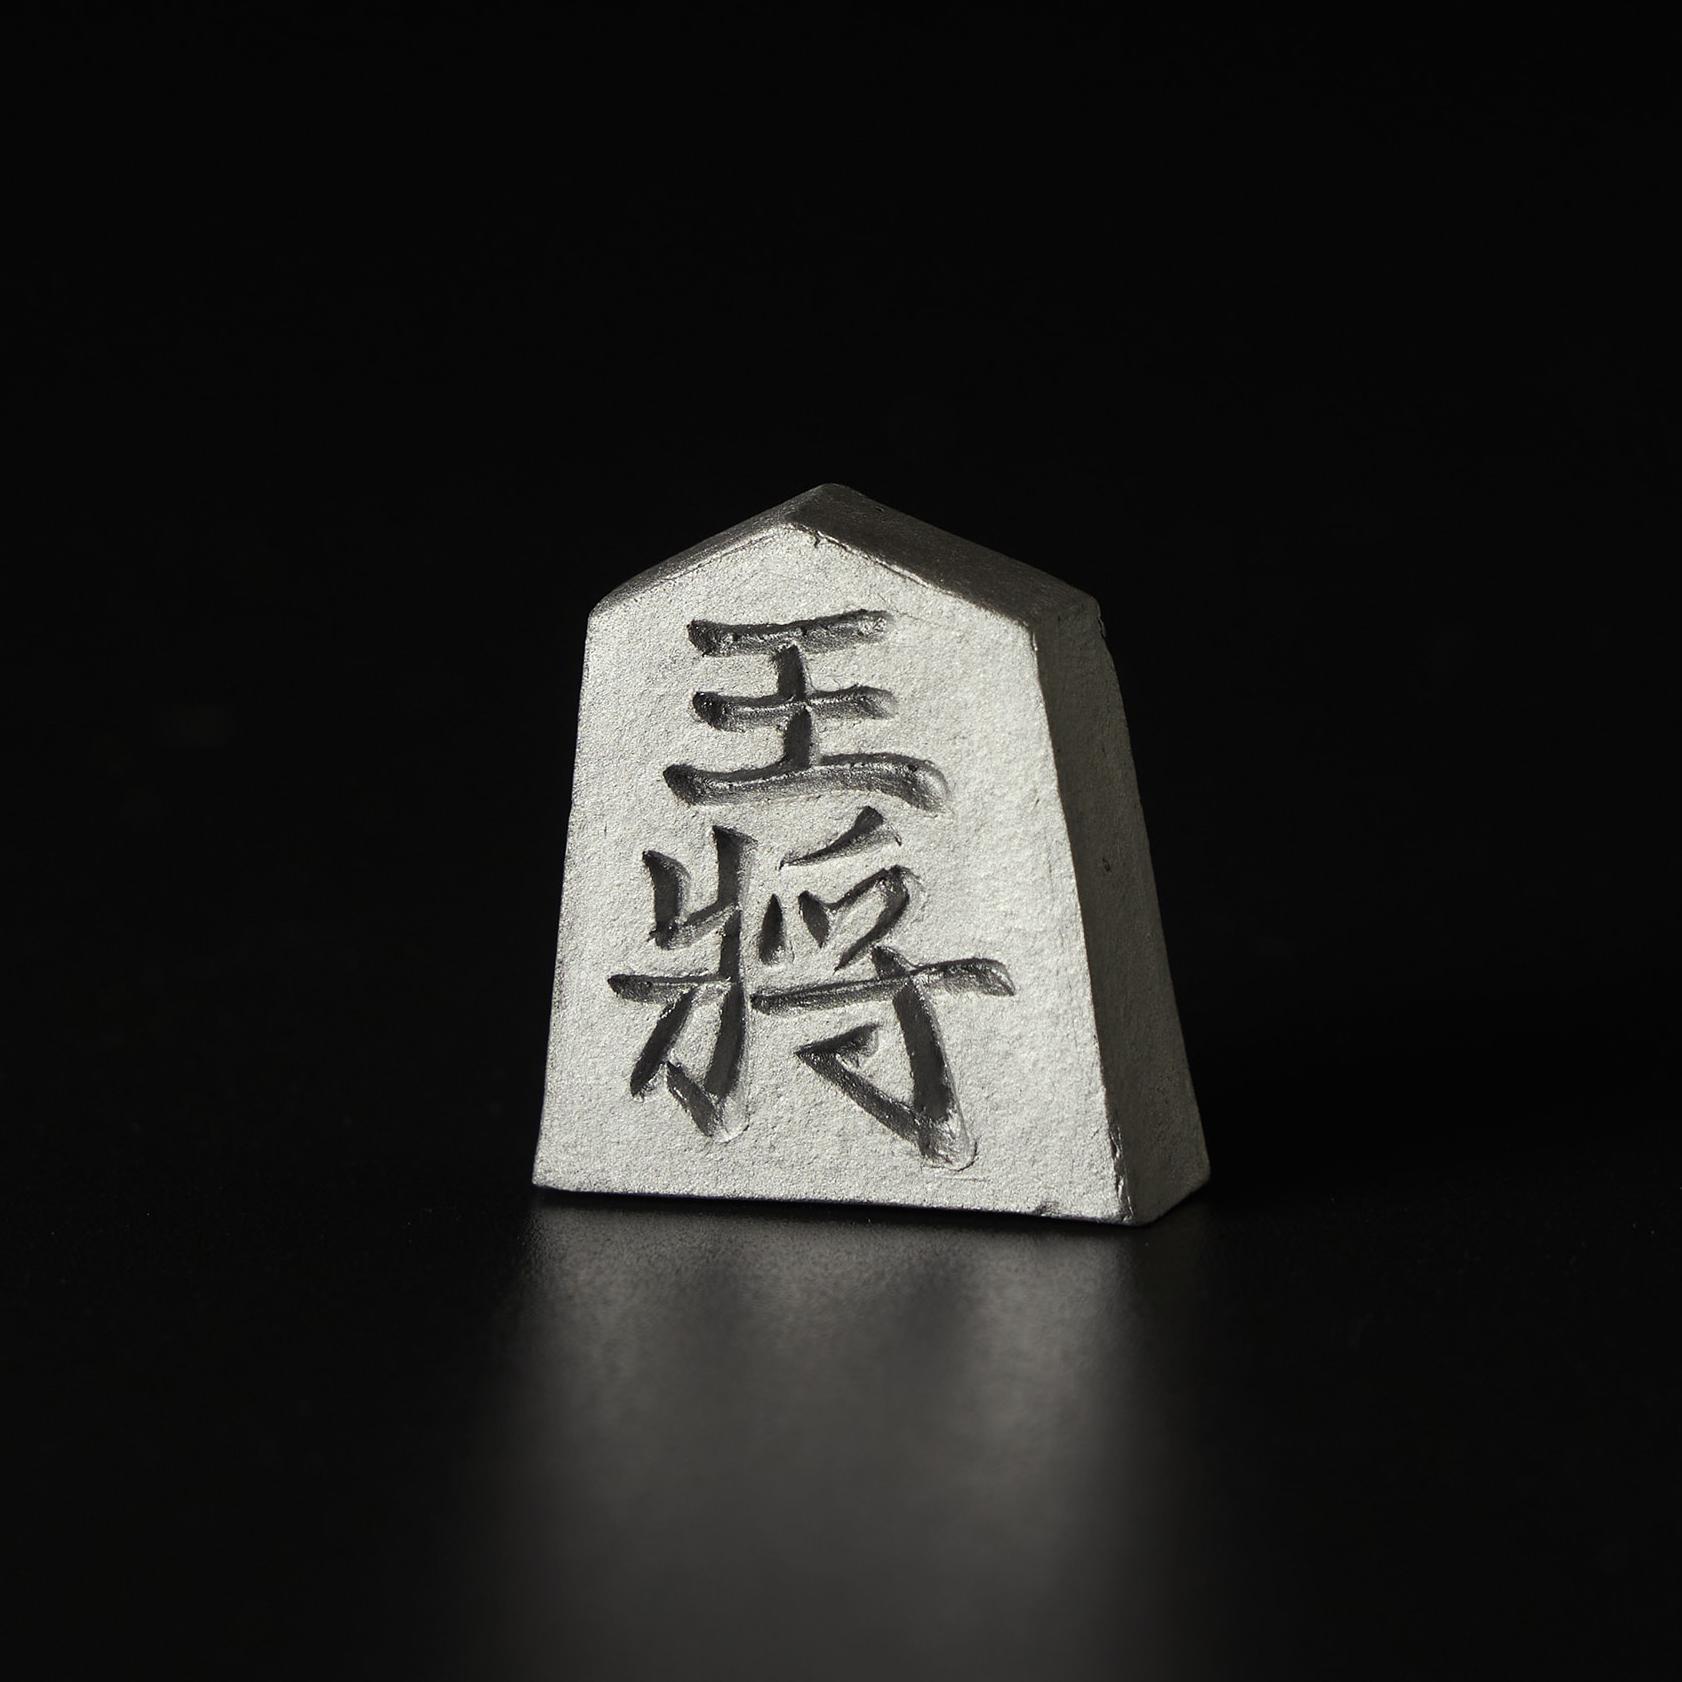 淡路瓦の将棋3駒セット(王将・飛車・金将)+いぶし瓦ボード